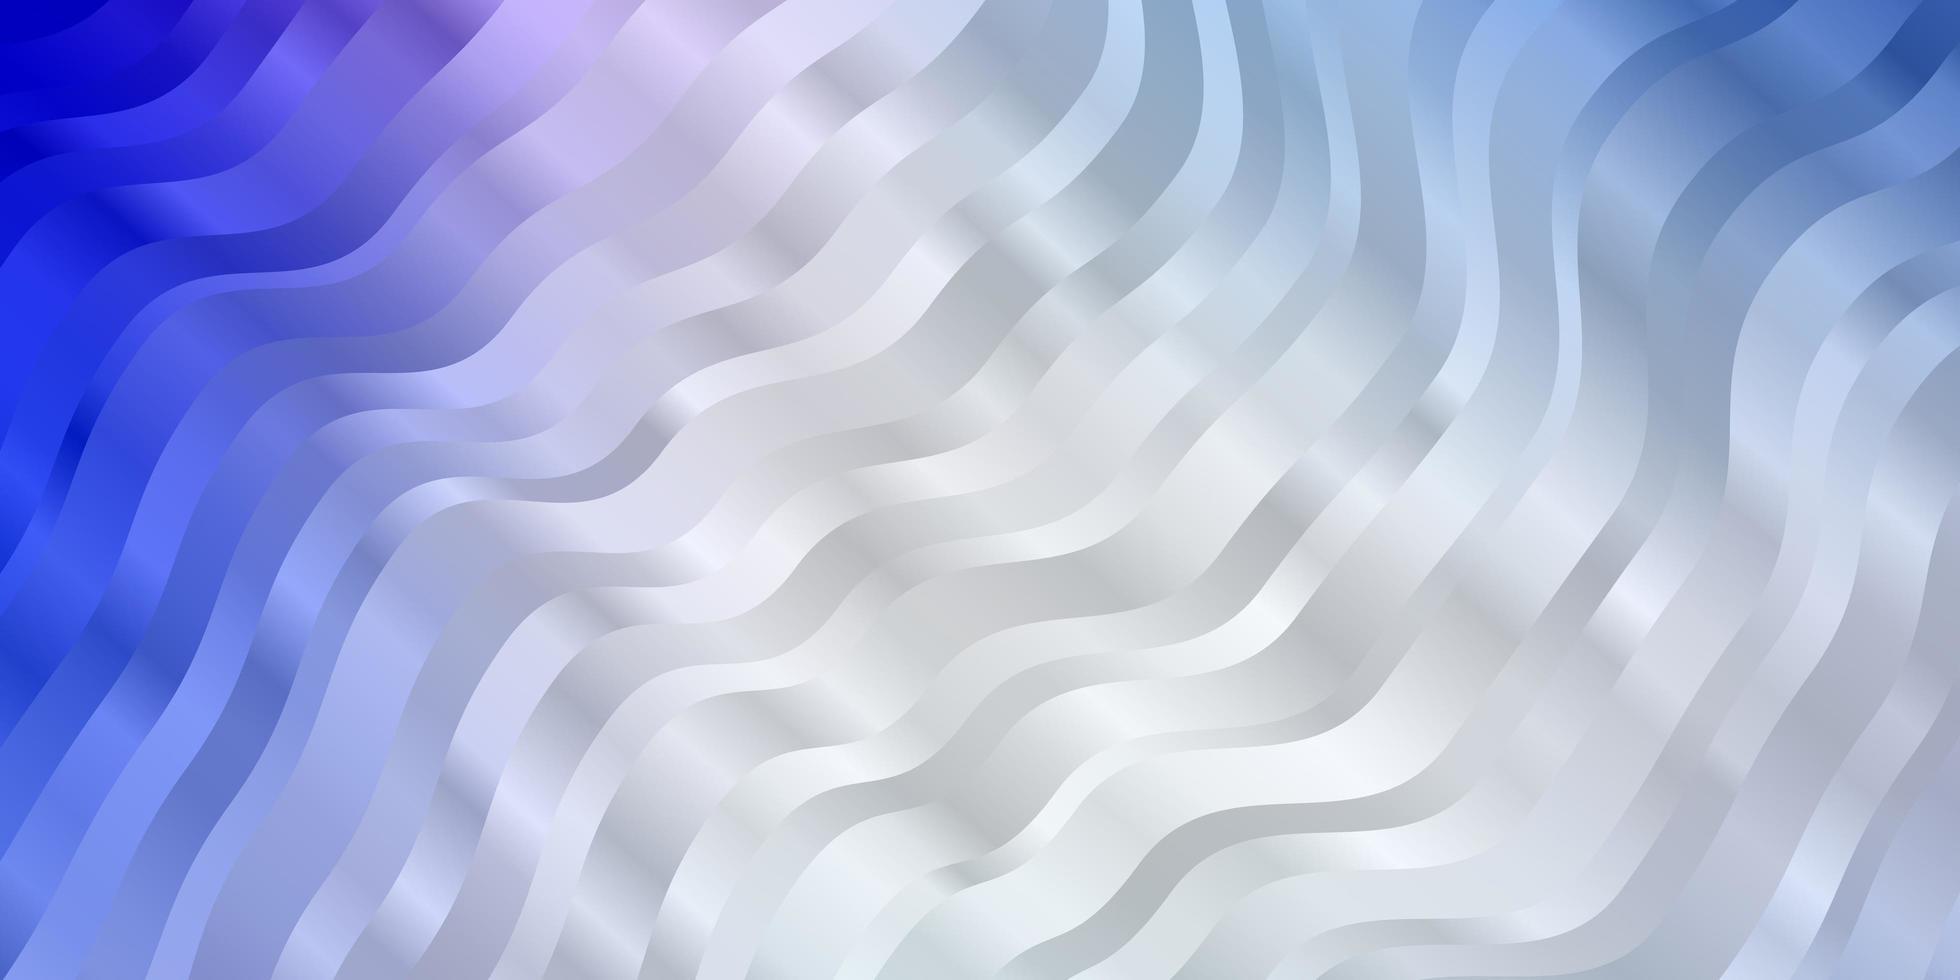 fundo vector rosa claro, azul com linhas onduladas.